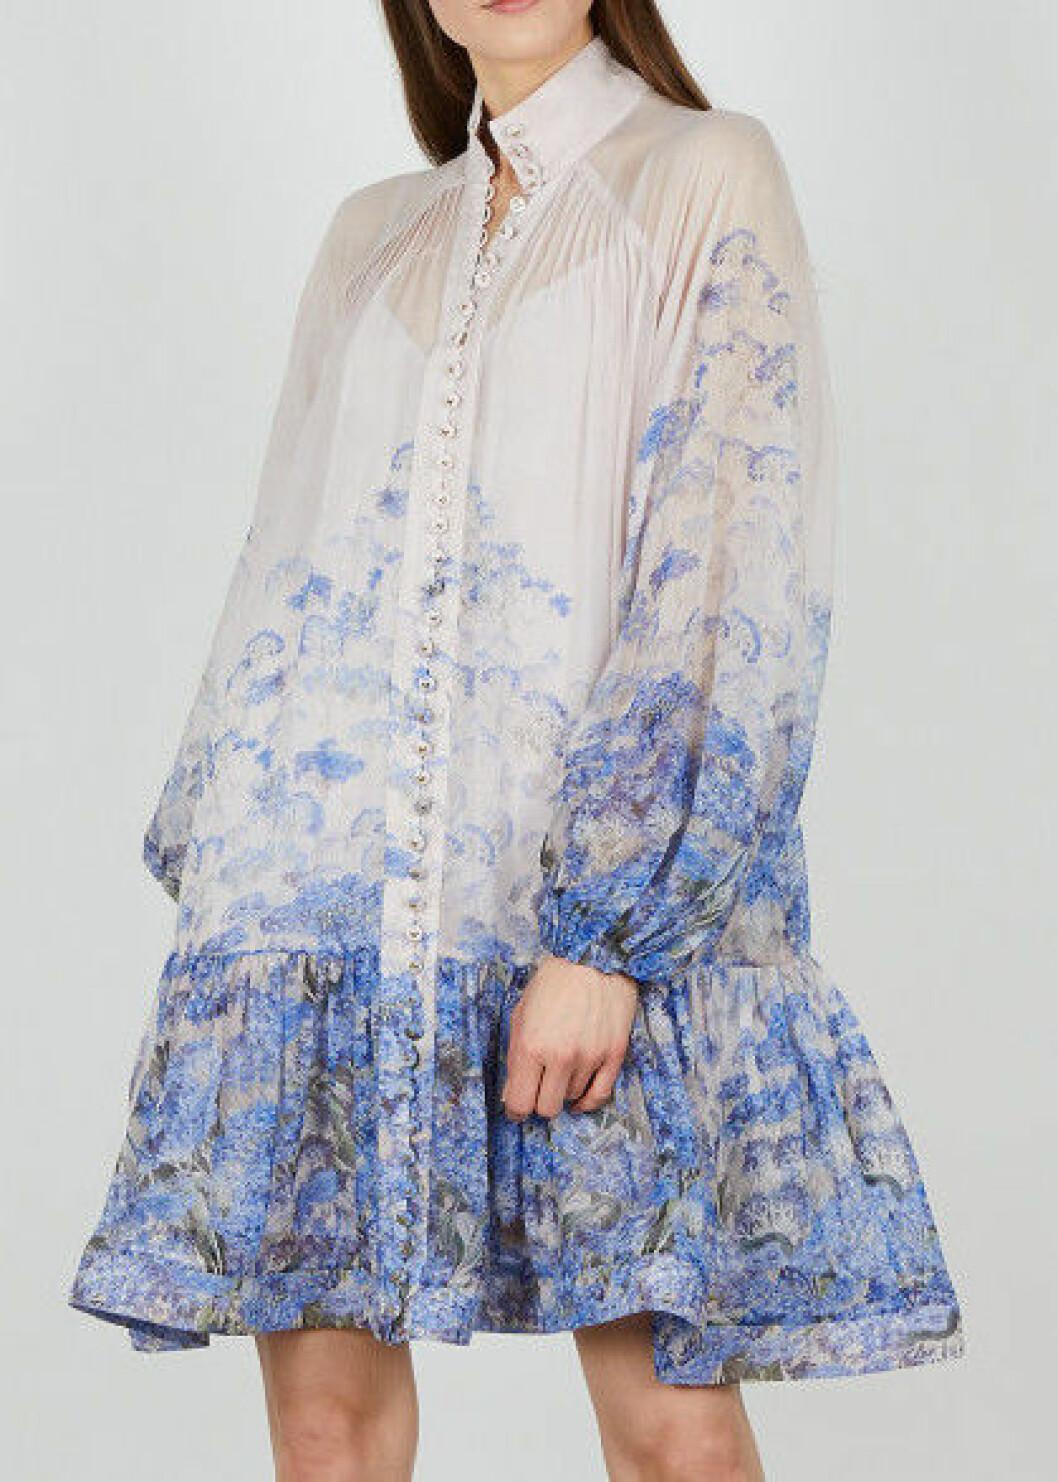 kort blommig klänning från Zimmermann